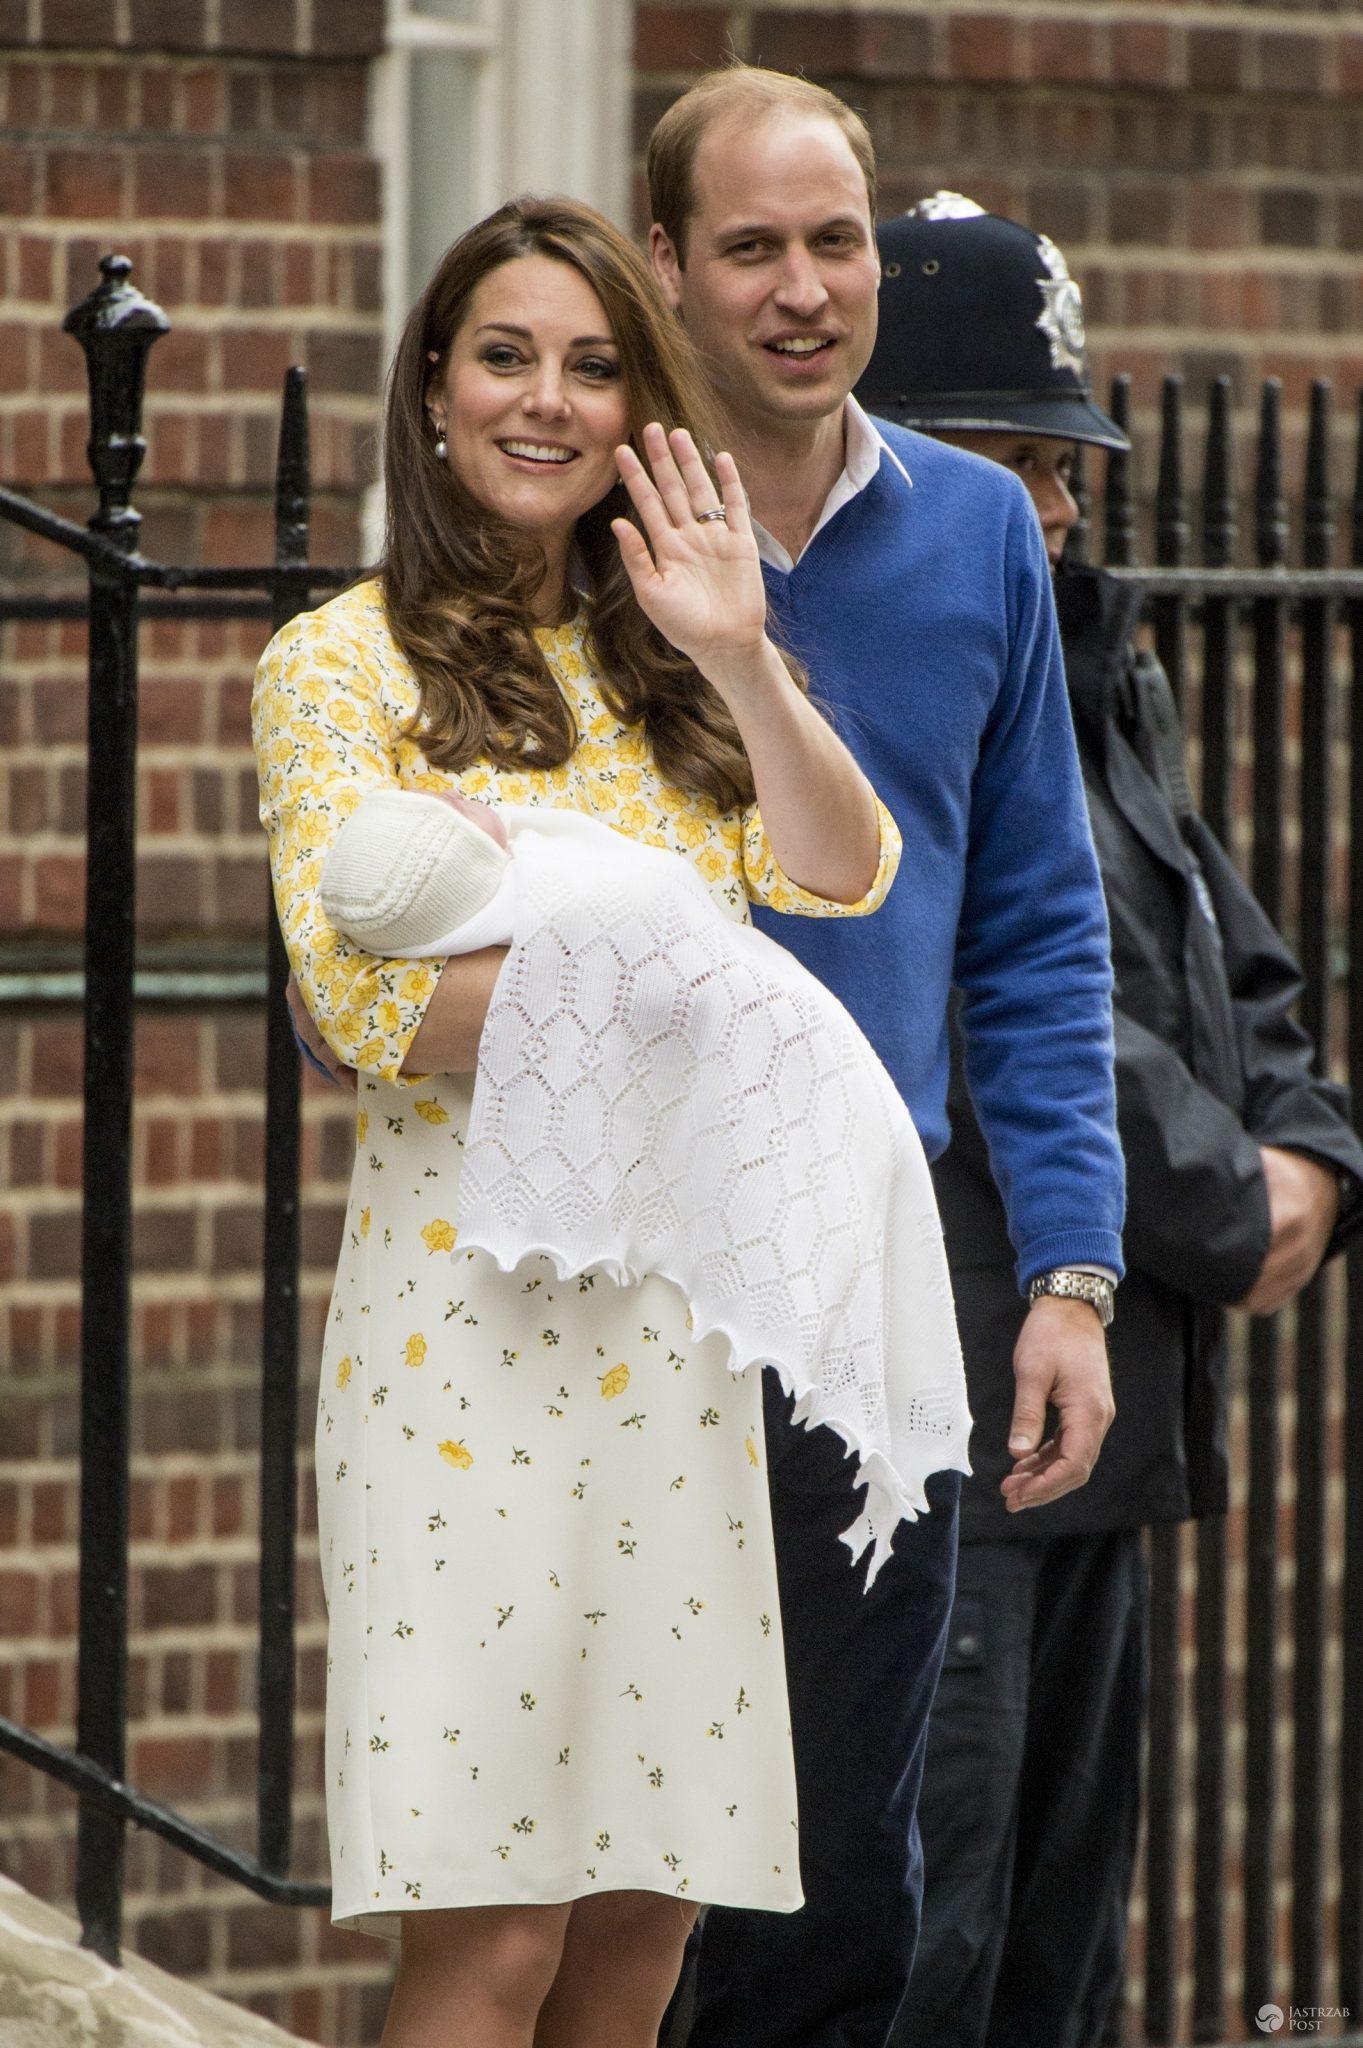 Księżna Kate wychodzi ze szpitala po urodzeniu księżniczki Charlotte. Na zdj. z mężem